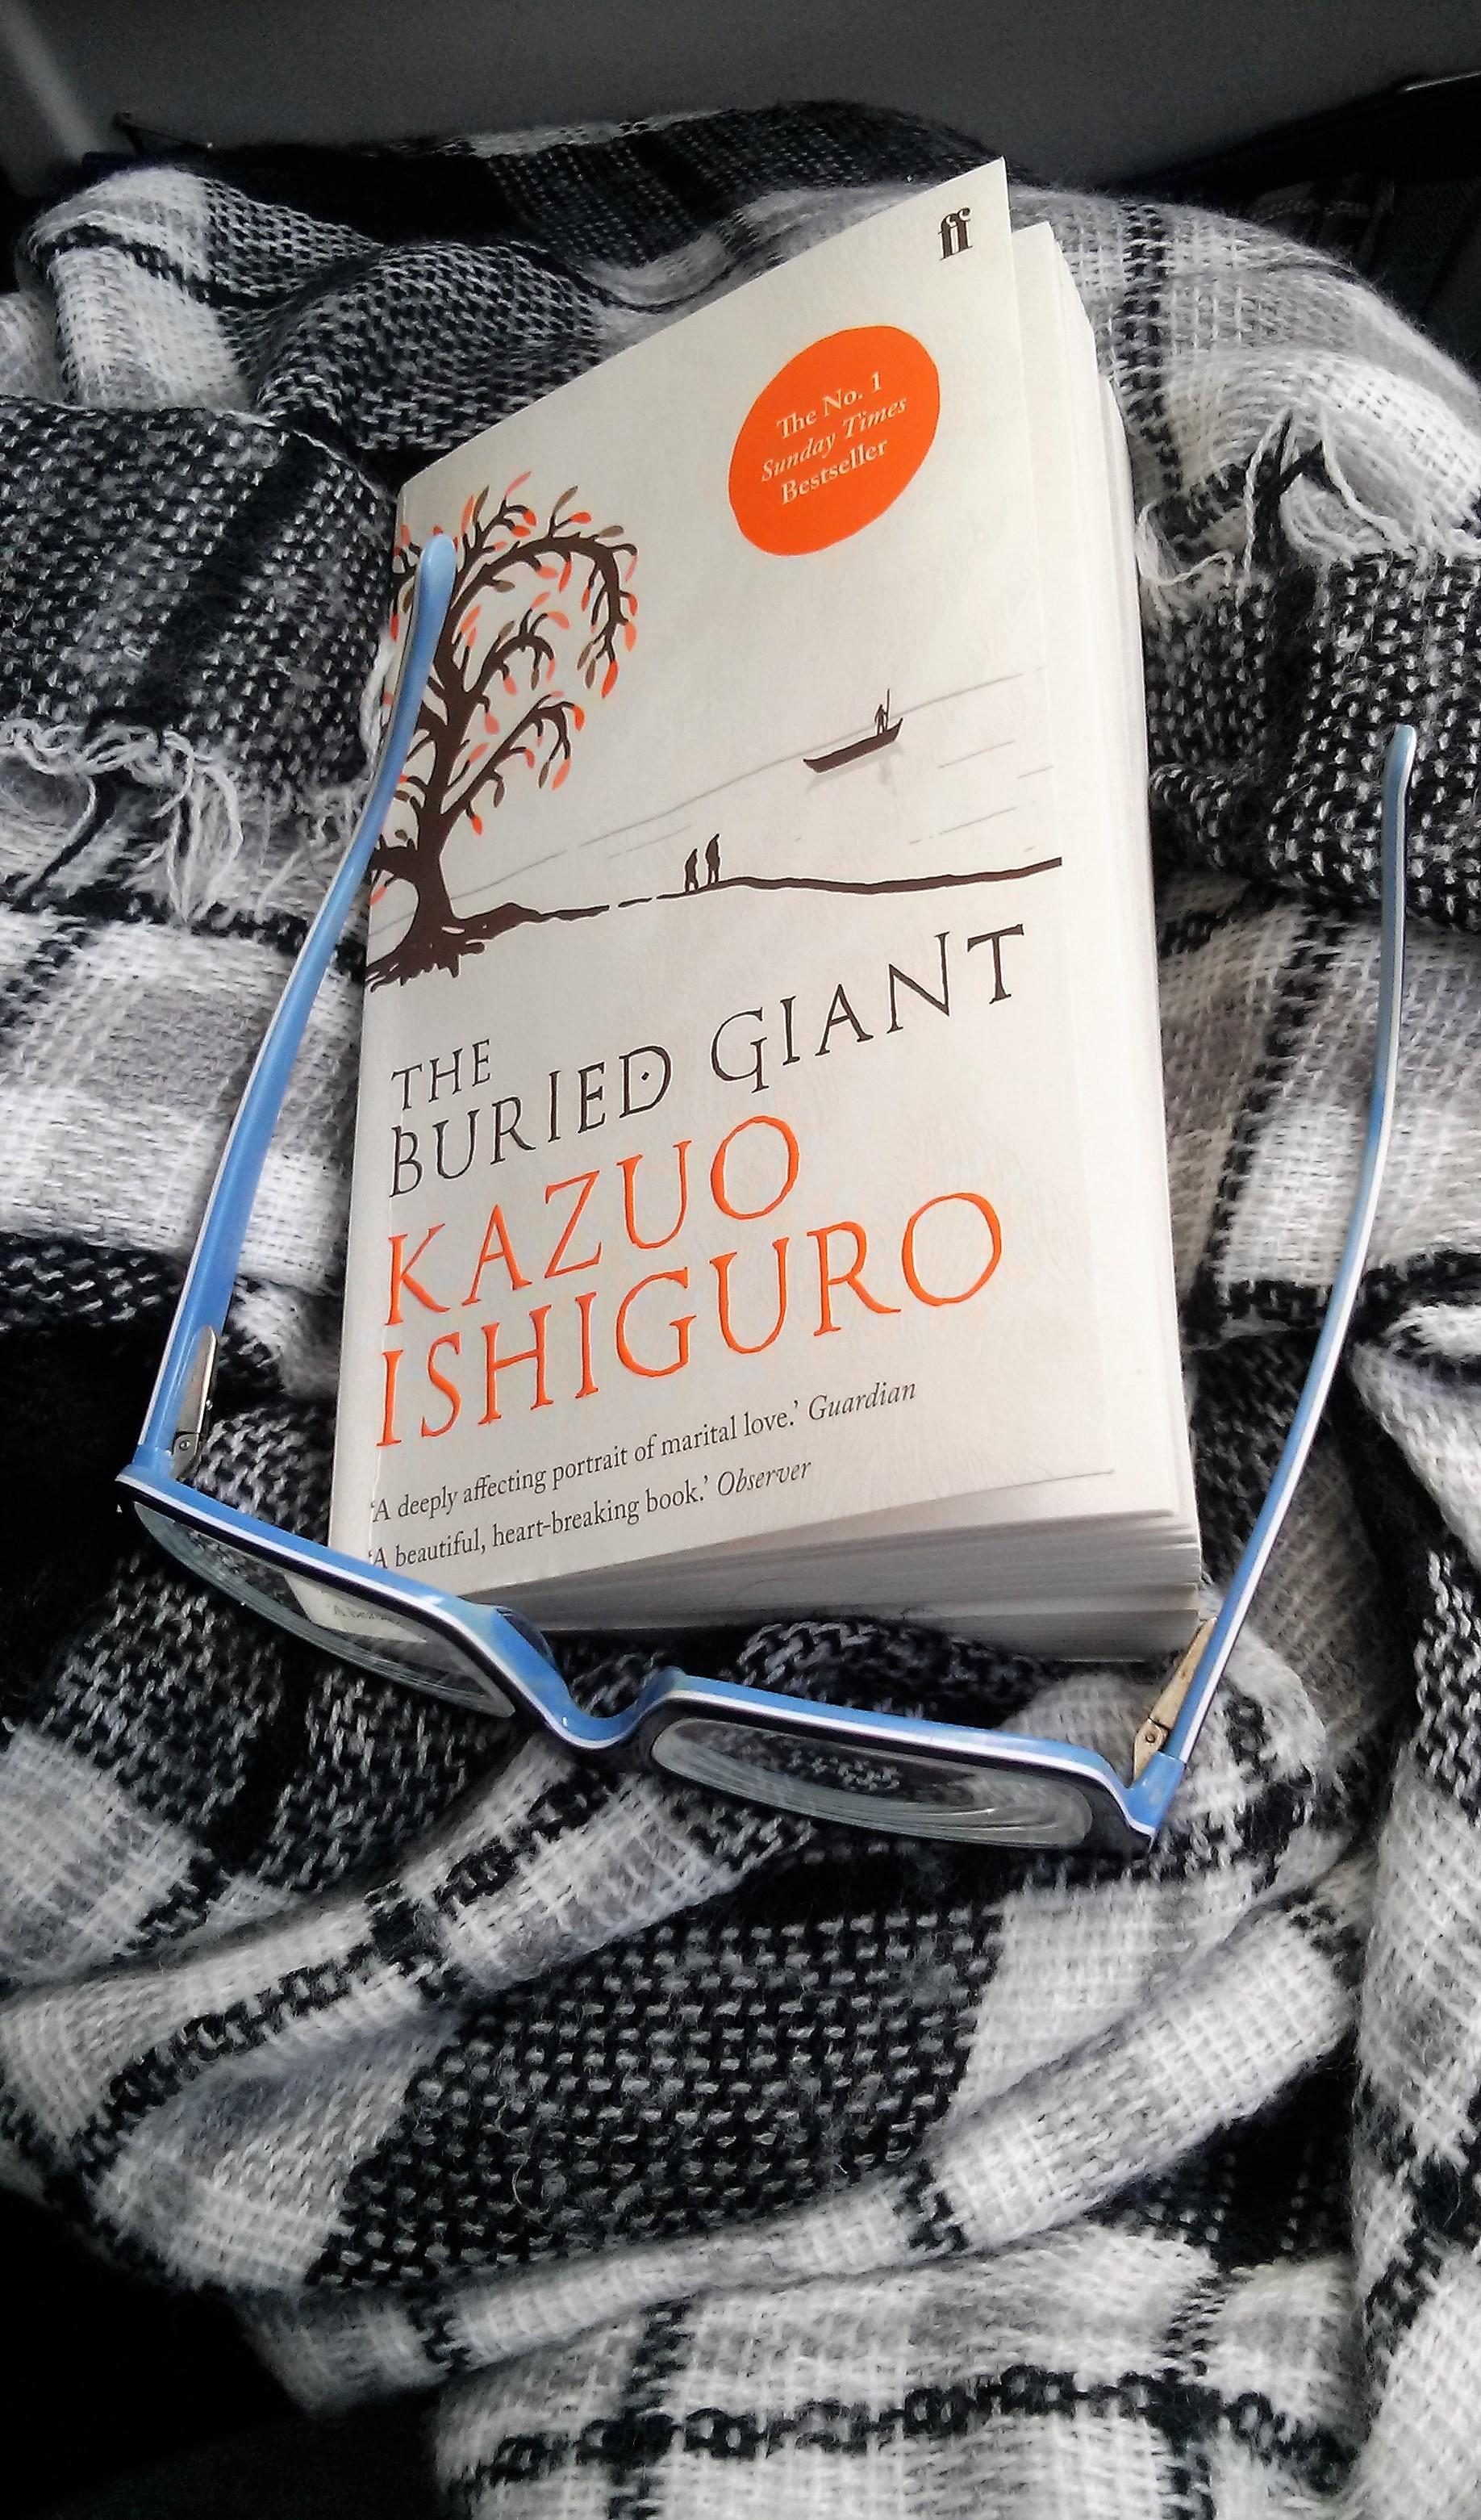 Pogrzebany olbrzym Kazuo Ishiguro - recenzja książki | arytmia.eu